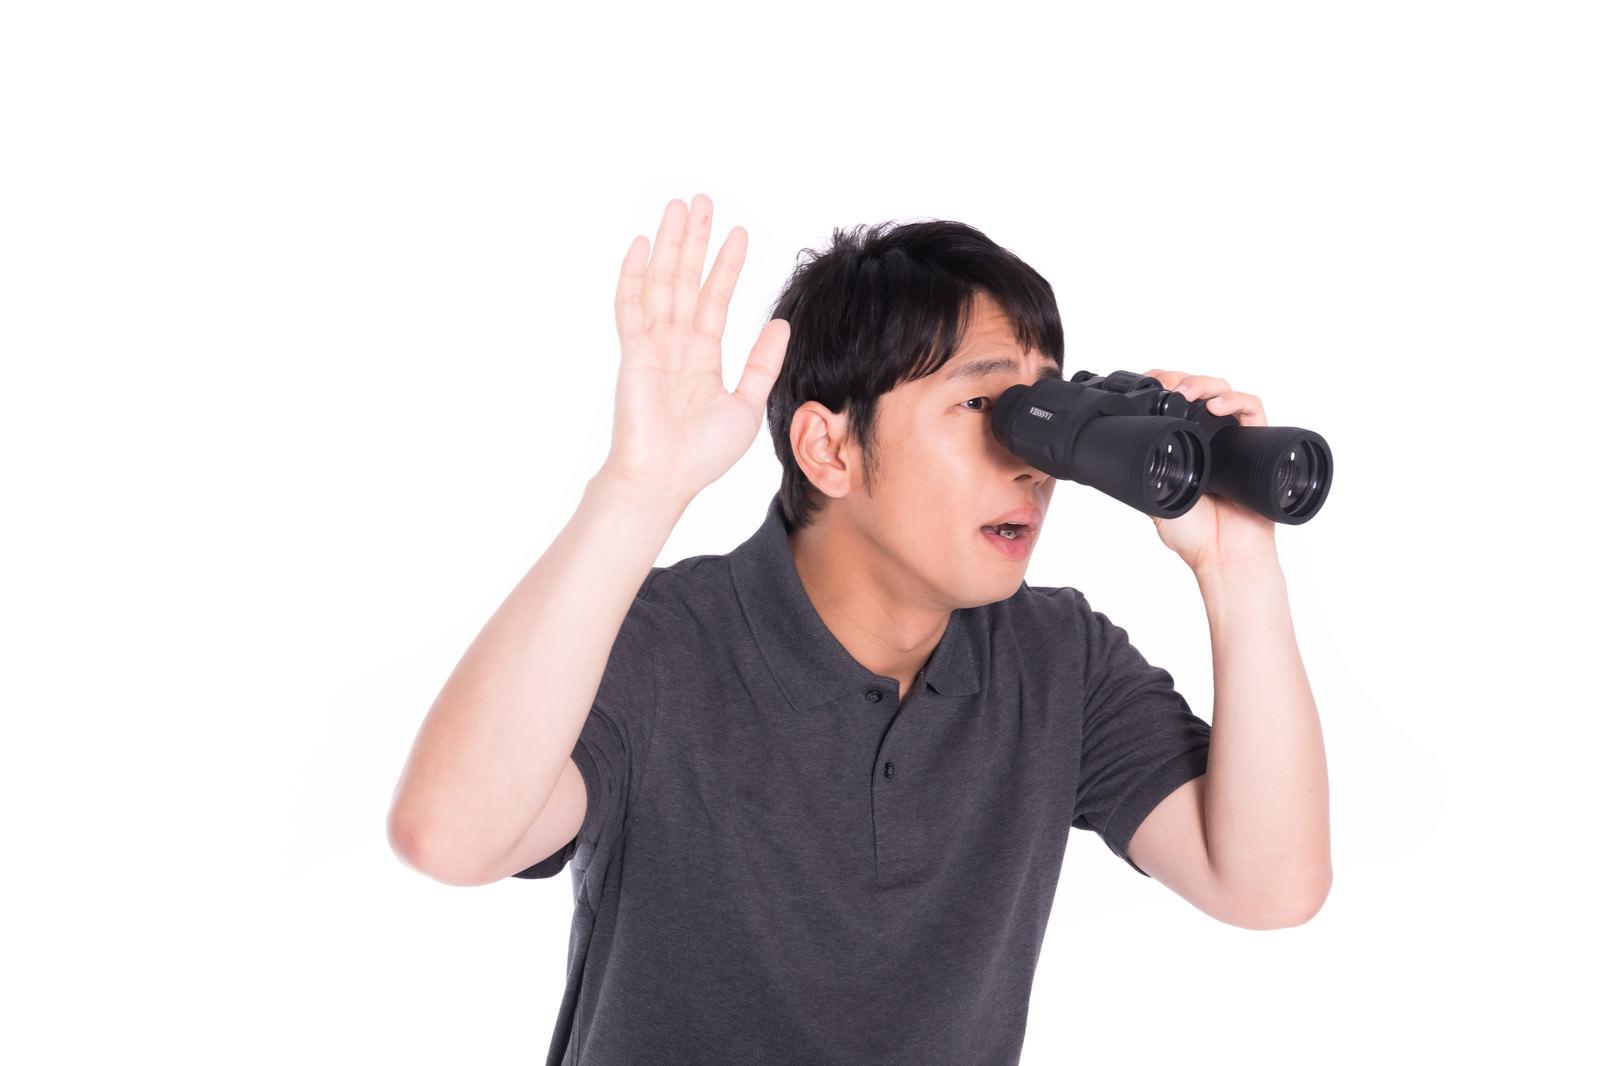 「のぞきを認める男性」の写真[モデル:大川竜弥]